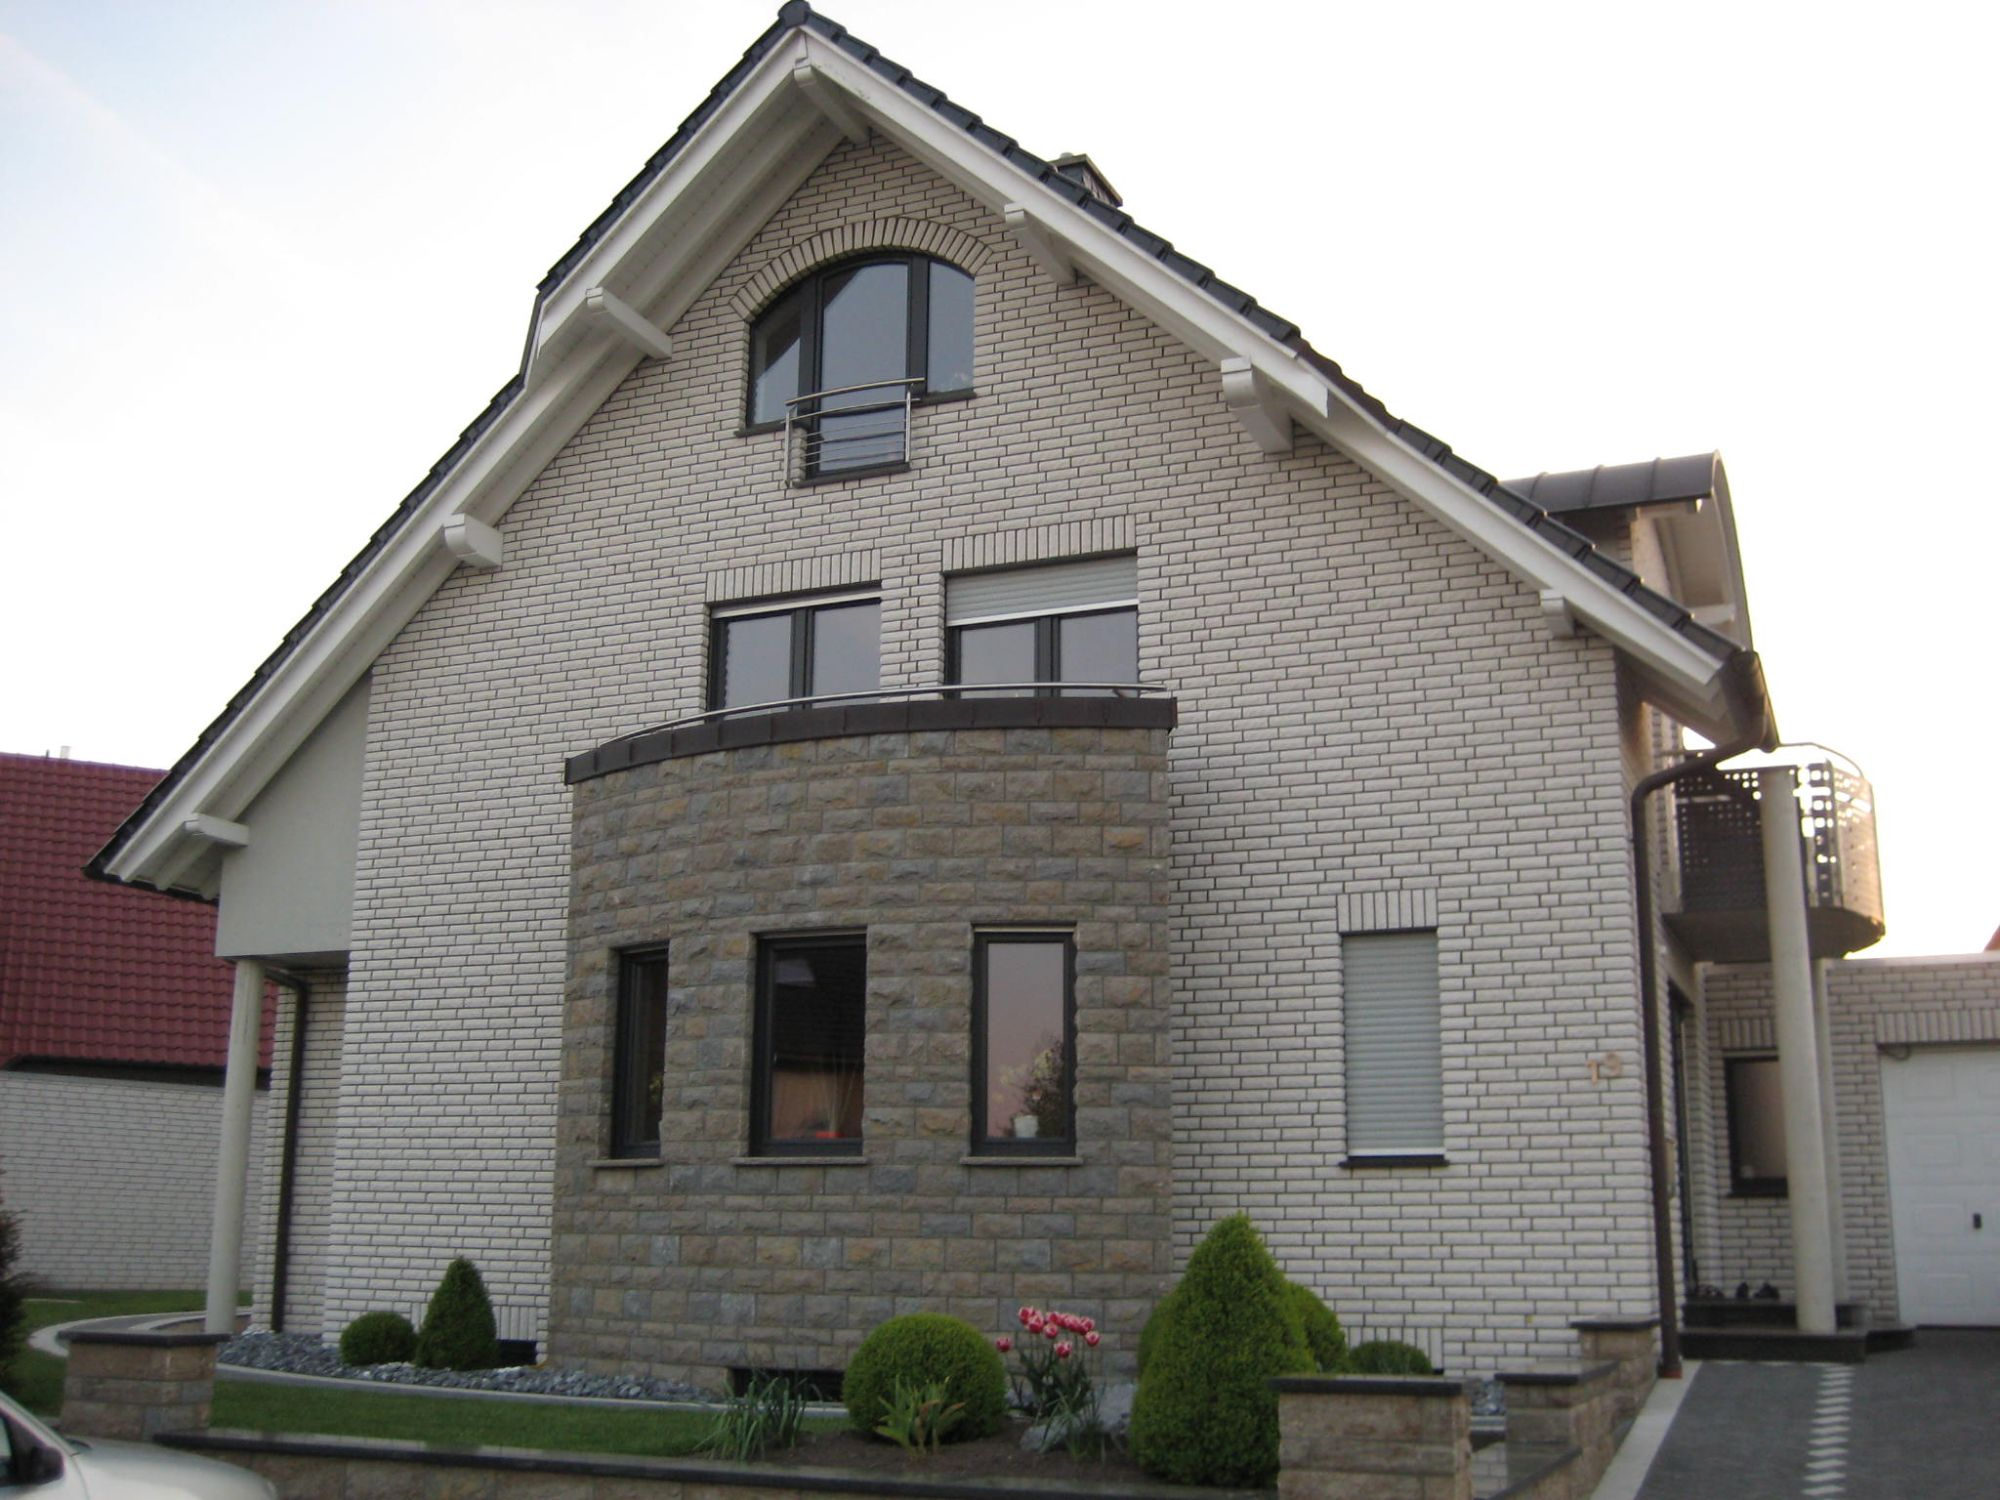 Architekt Bielefeld einfamilienhaus bielefeld jöllenbeck architekturbüro viktor dück